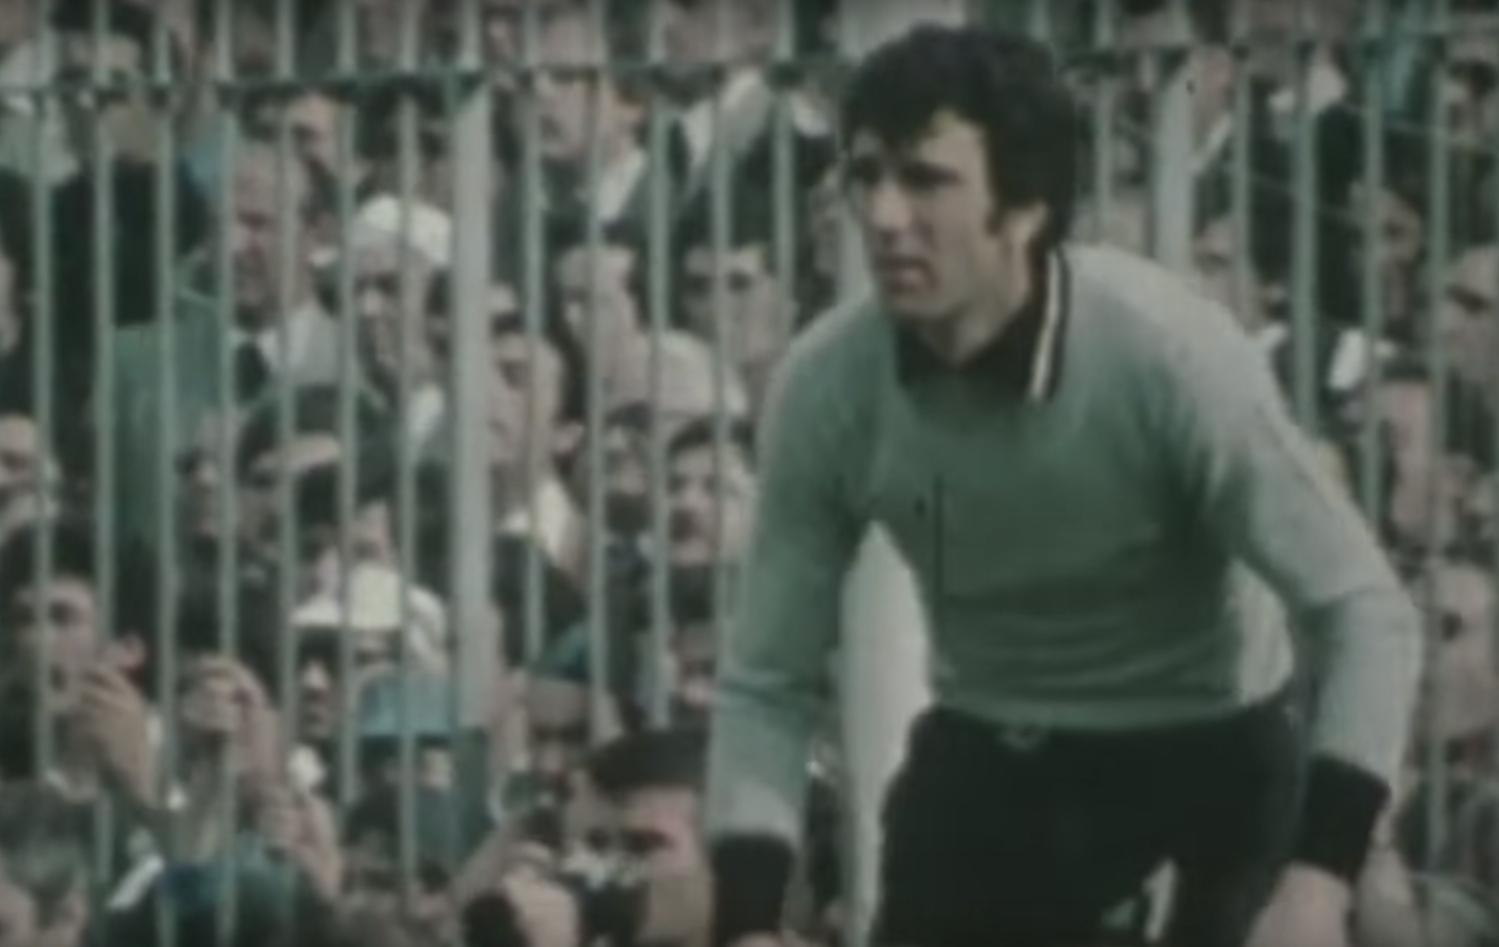 卫报评八十年代意甲最佳阵:马拉多纳领衔 西雷阿压阵